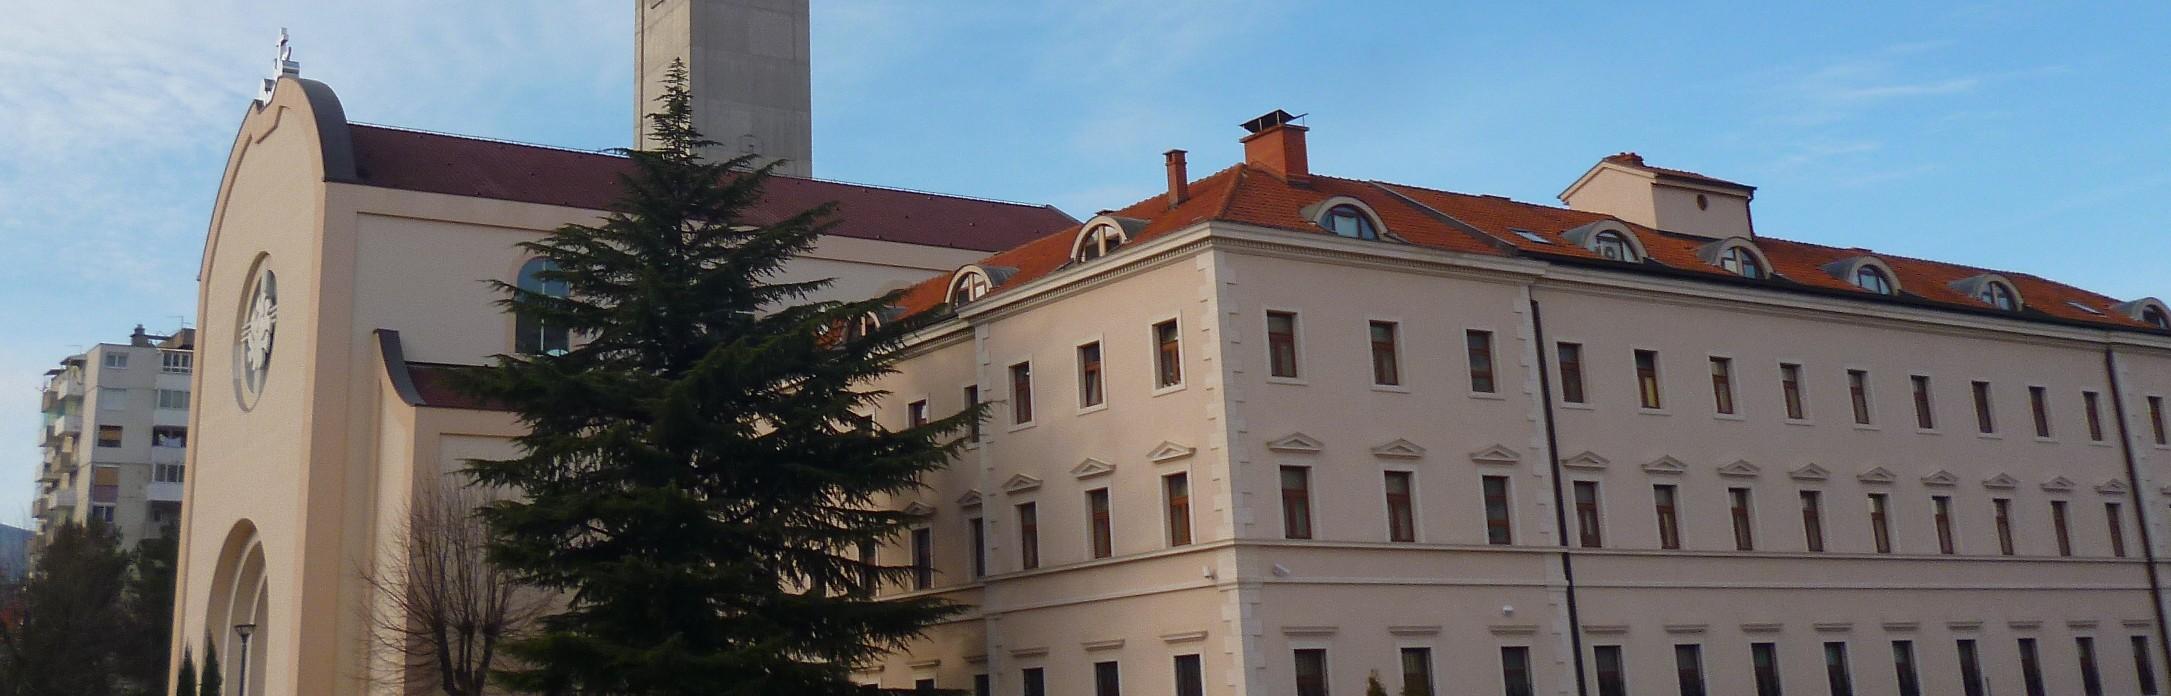 Монастырь св. Петра и Павла в Мостаре